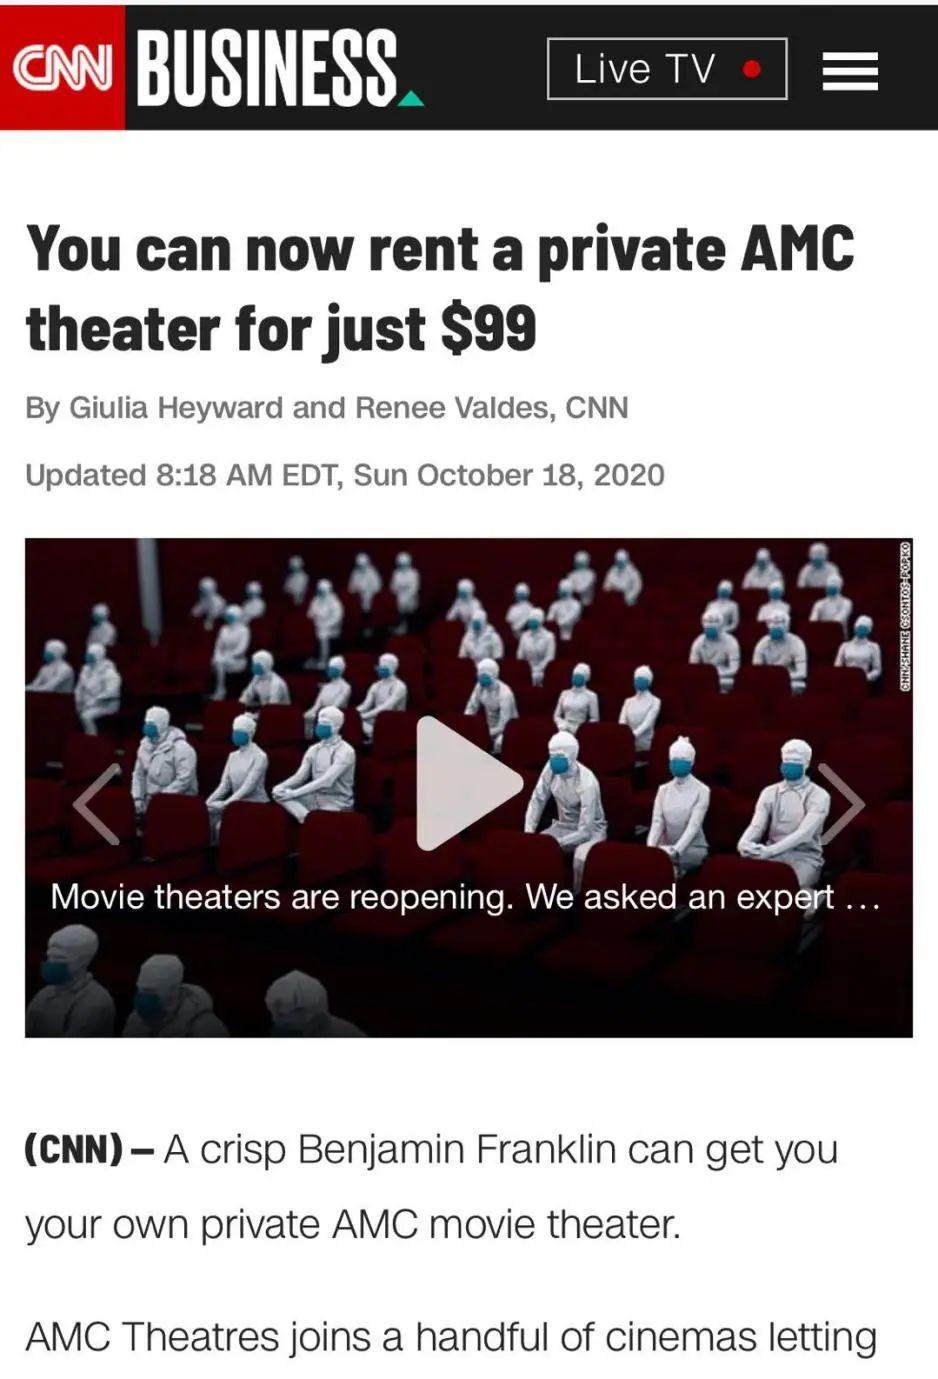 99美元包场看电影!全球最大影院危机中,猛推这项新业务